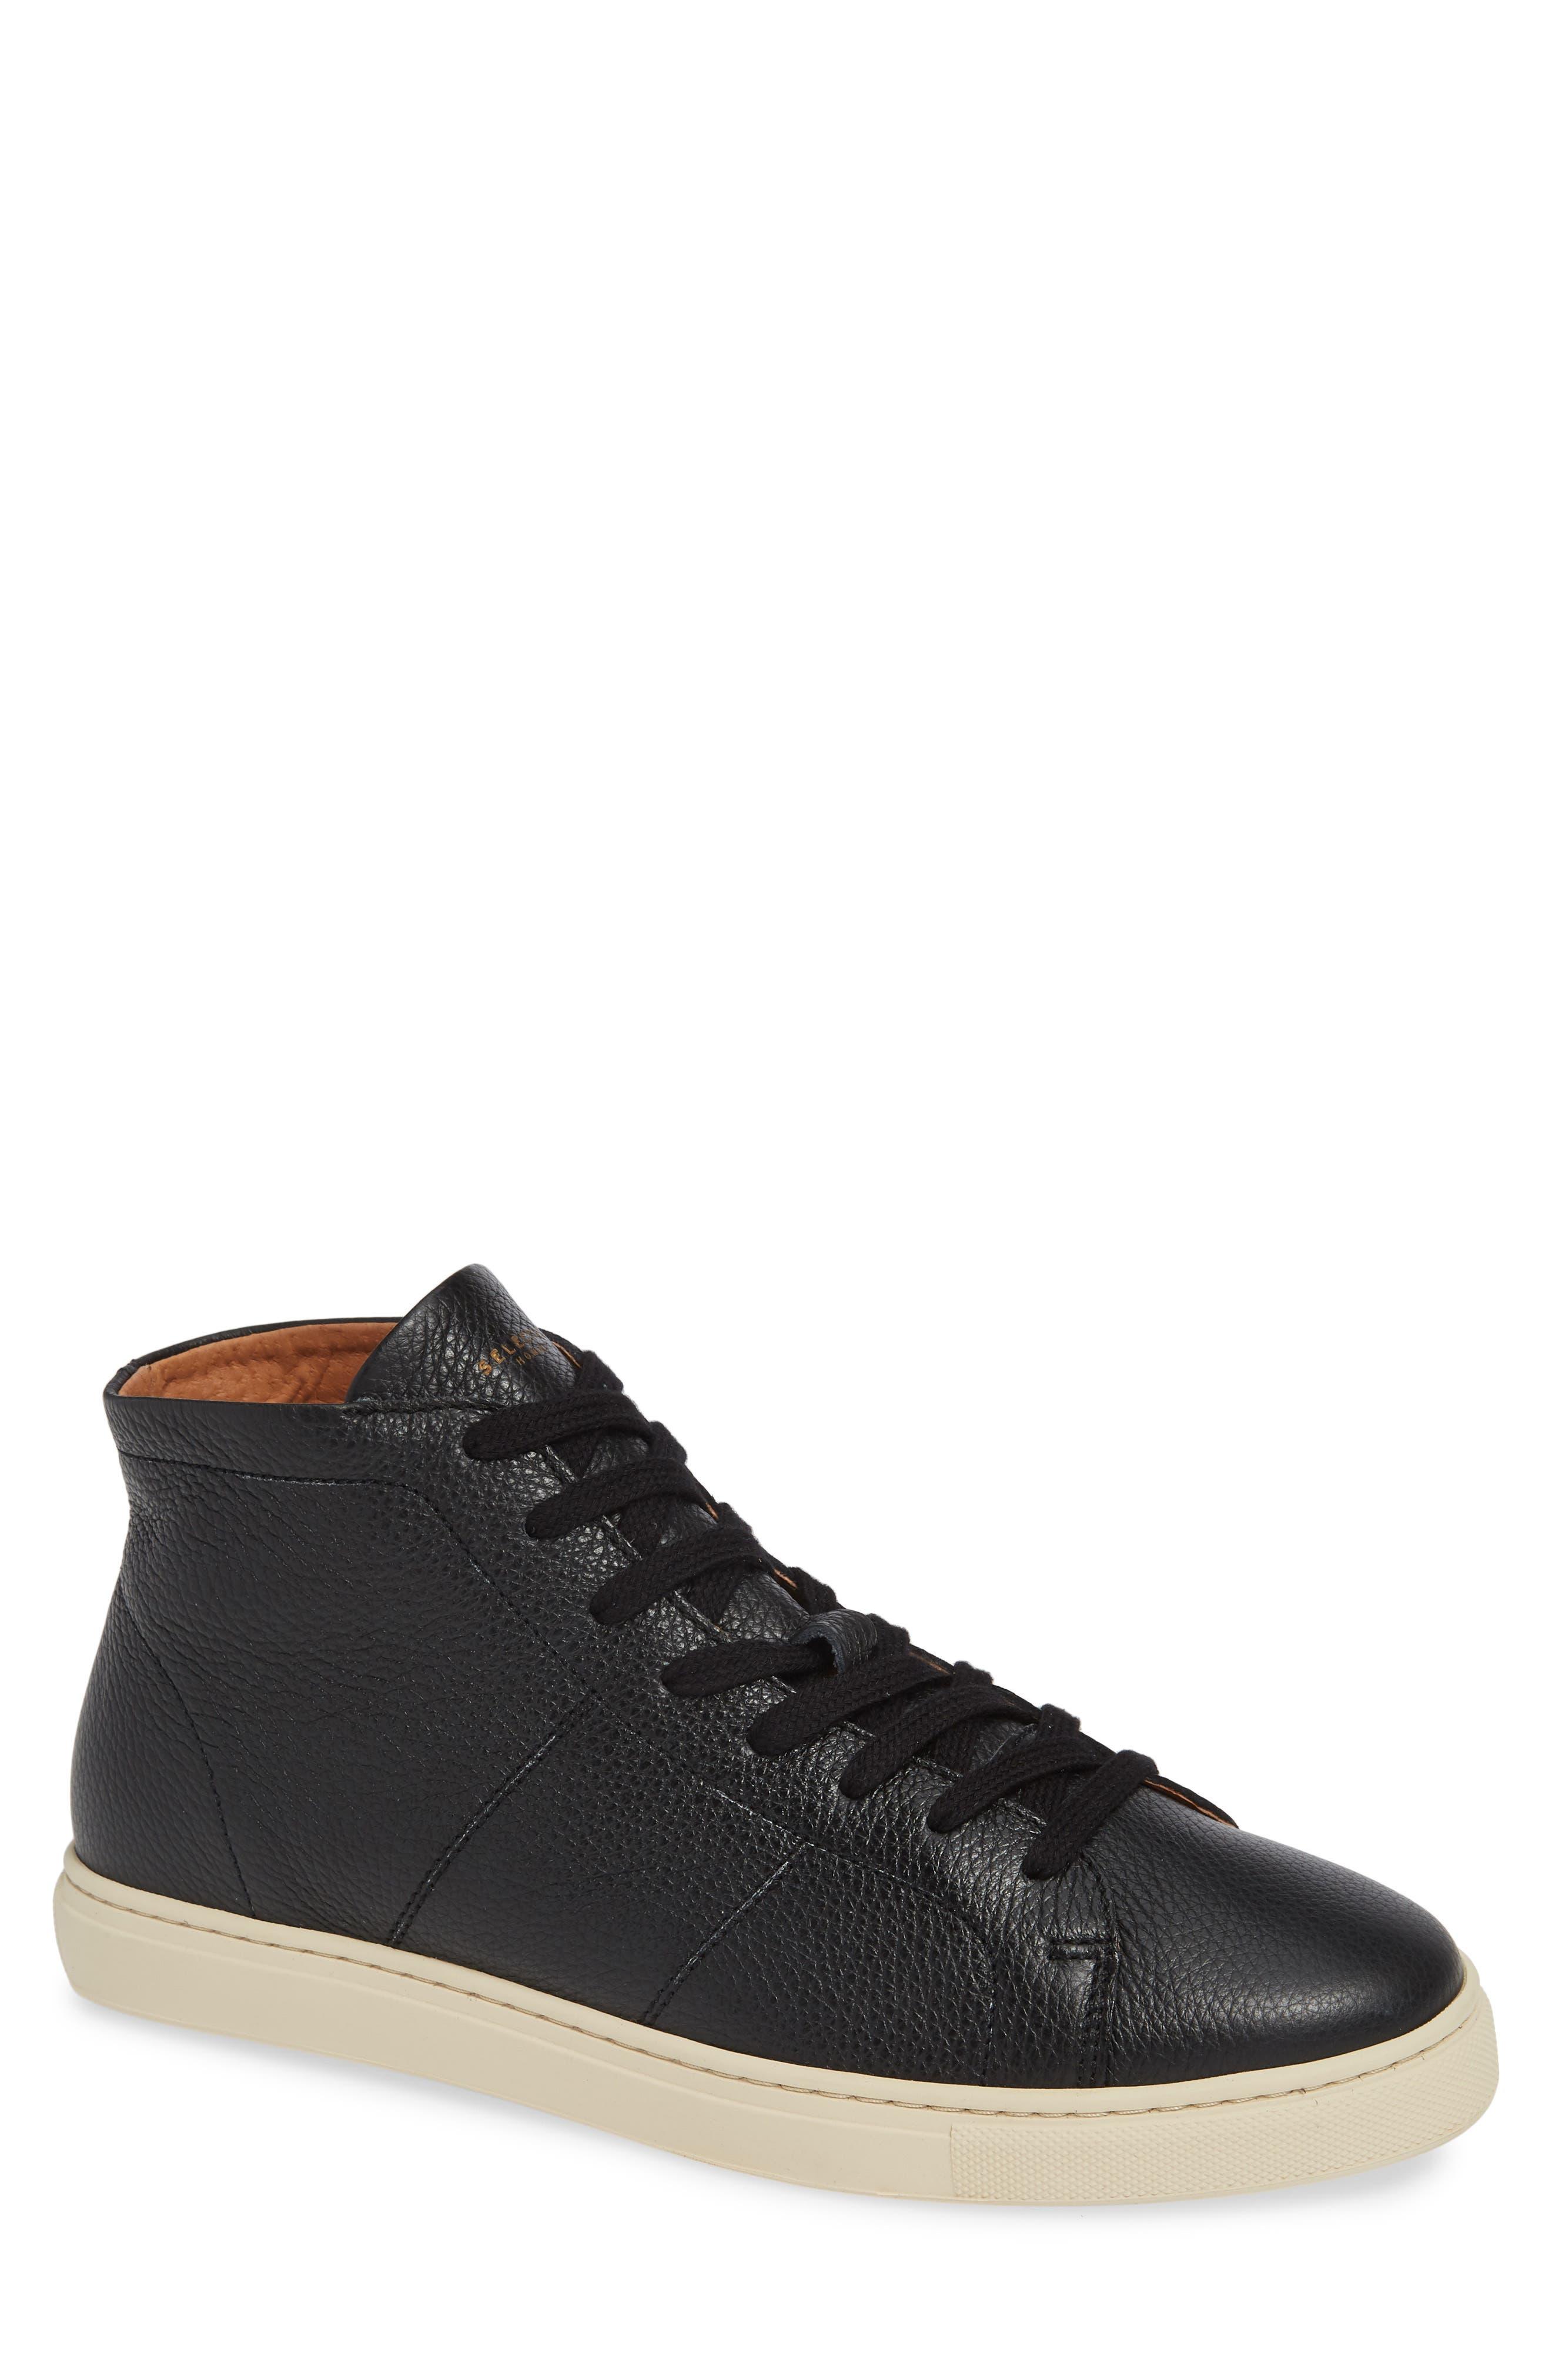 David Sneaker,                         Main,                         color, BLACK